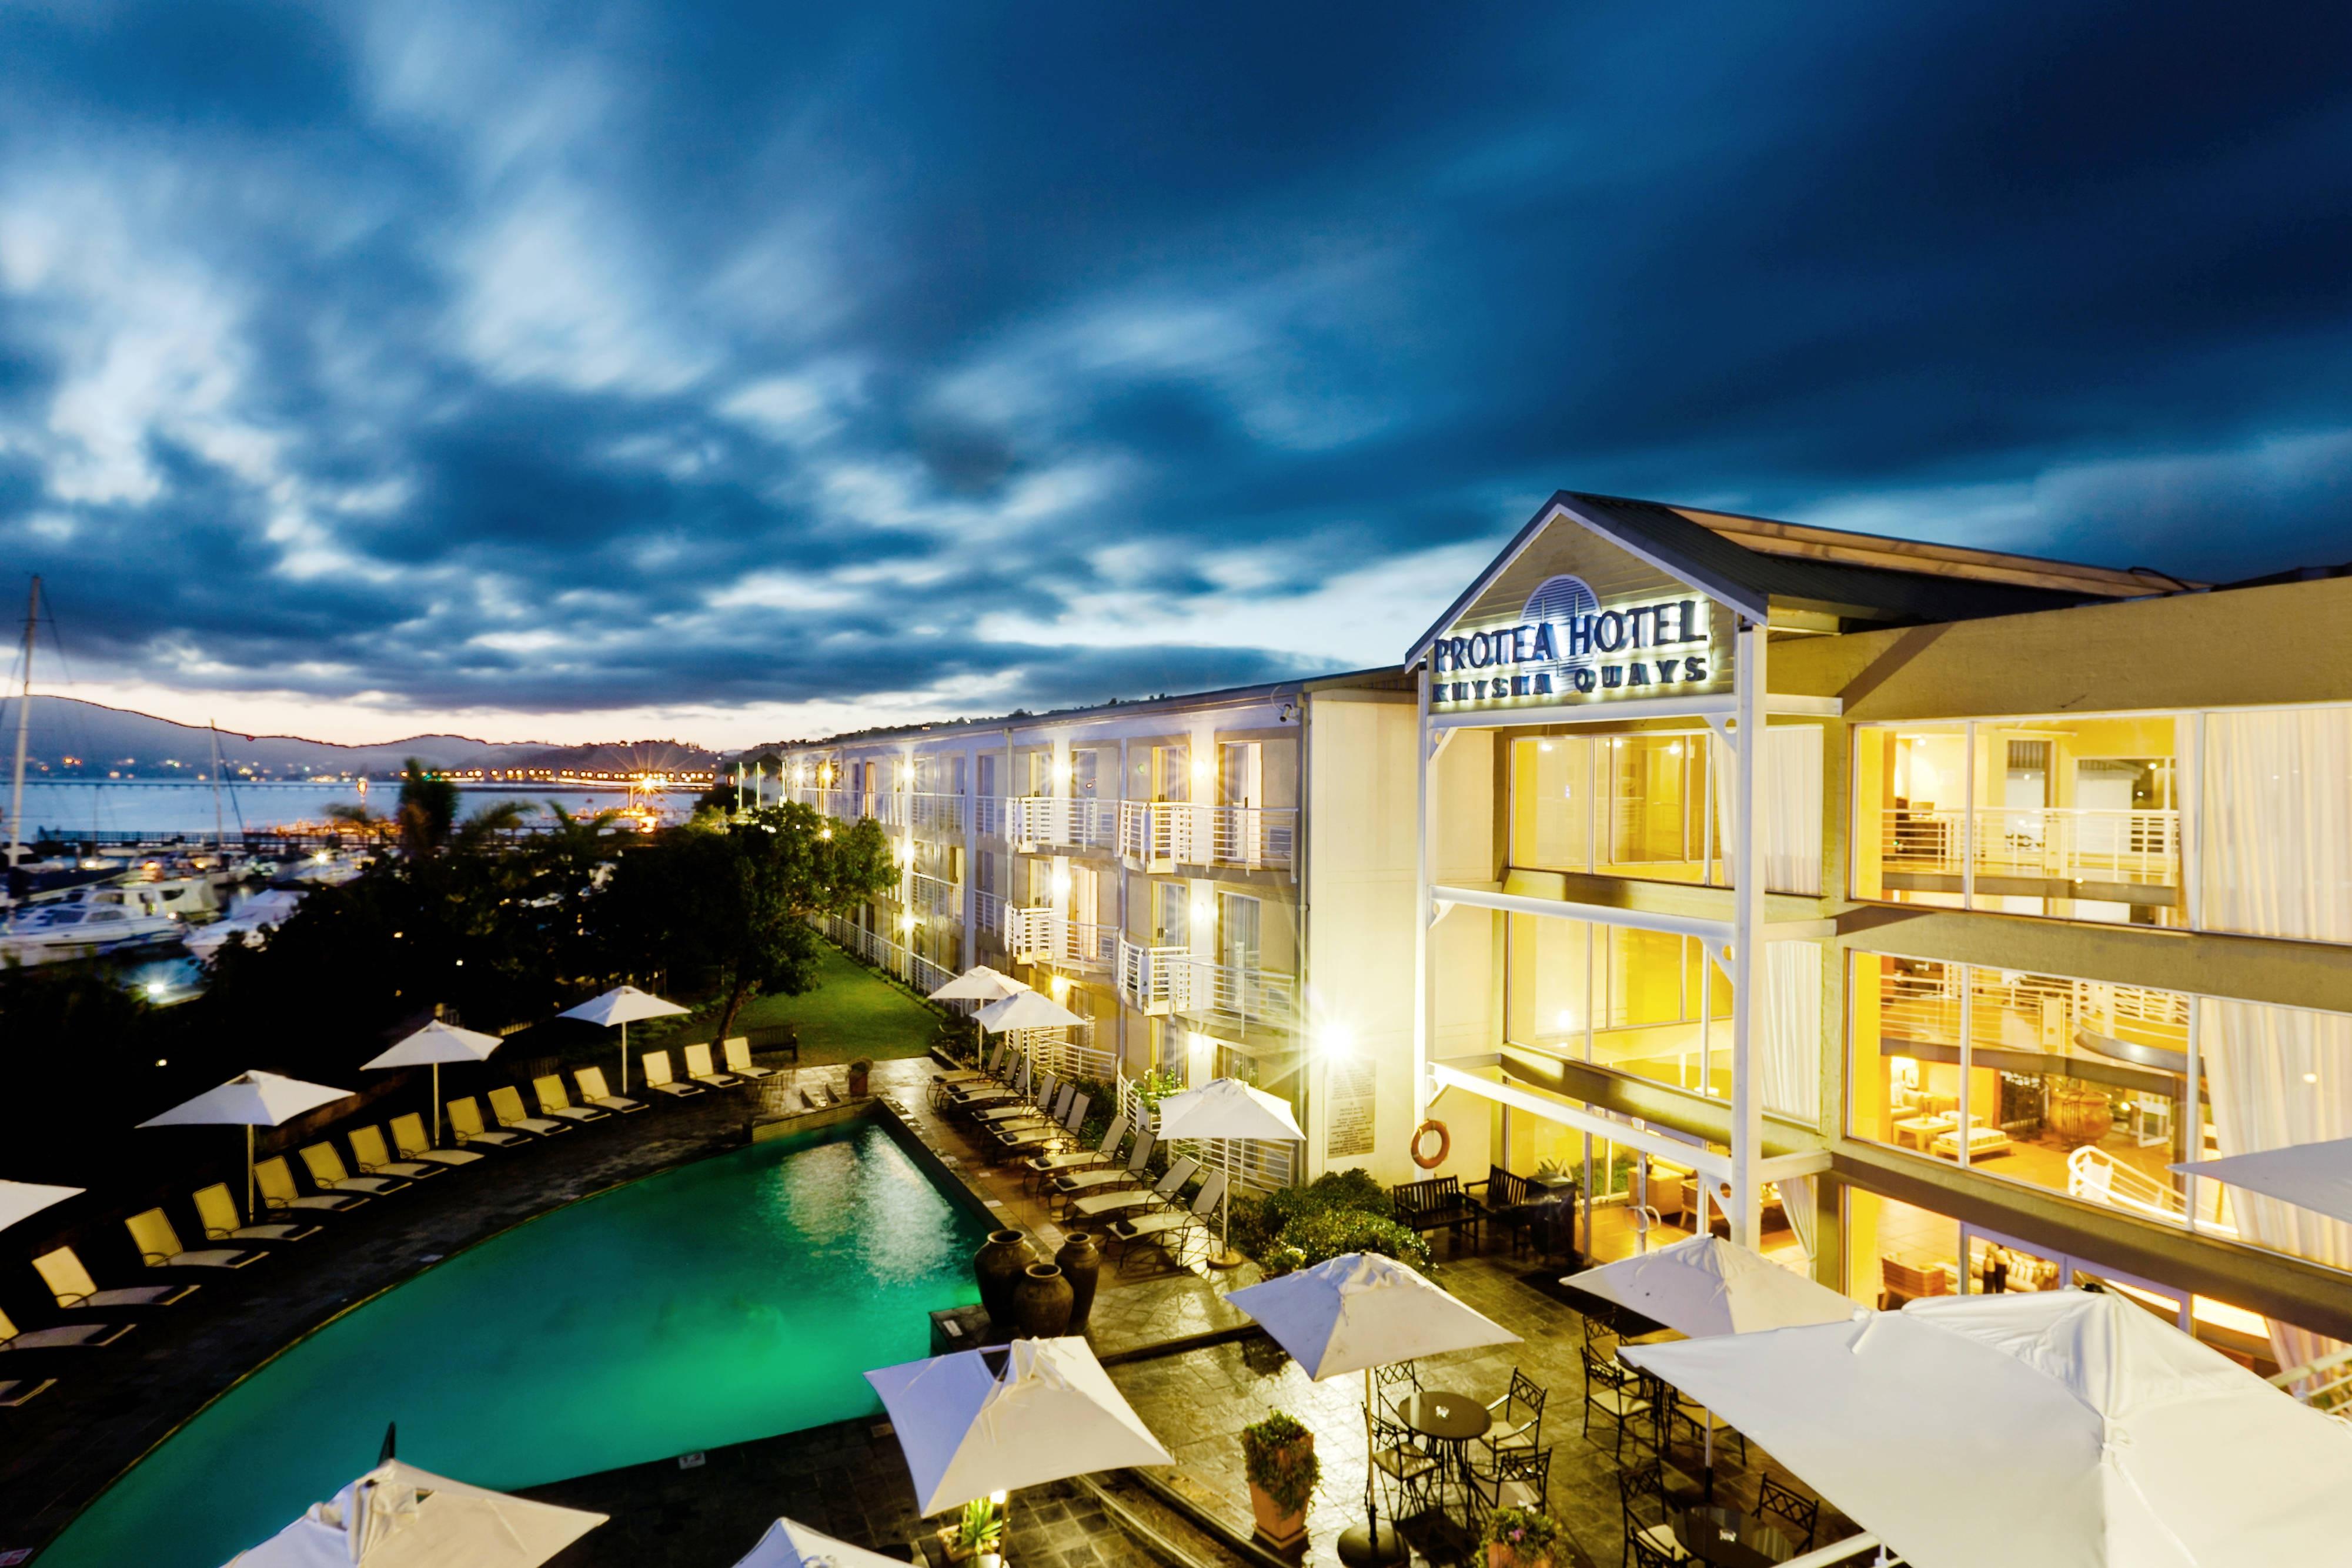 Protea Hotel Knysna Quays View